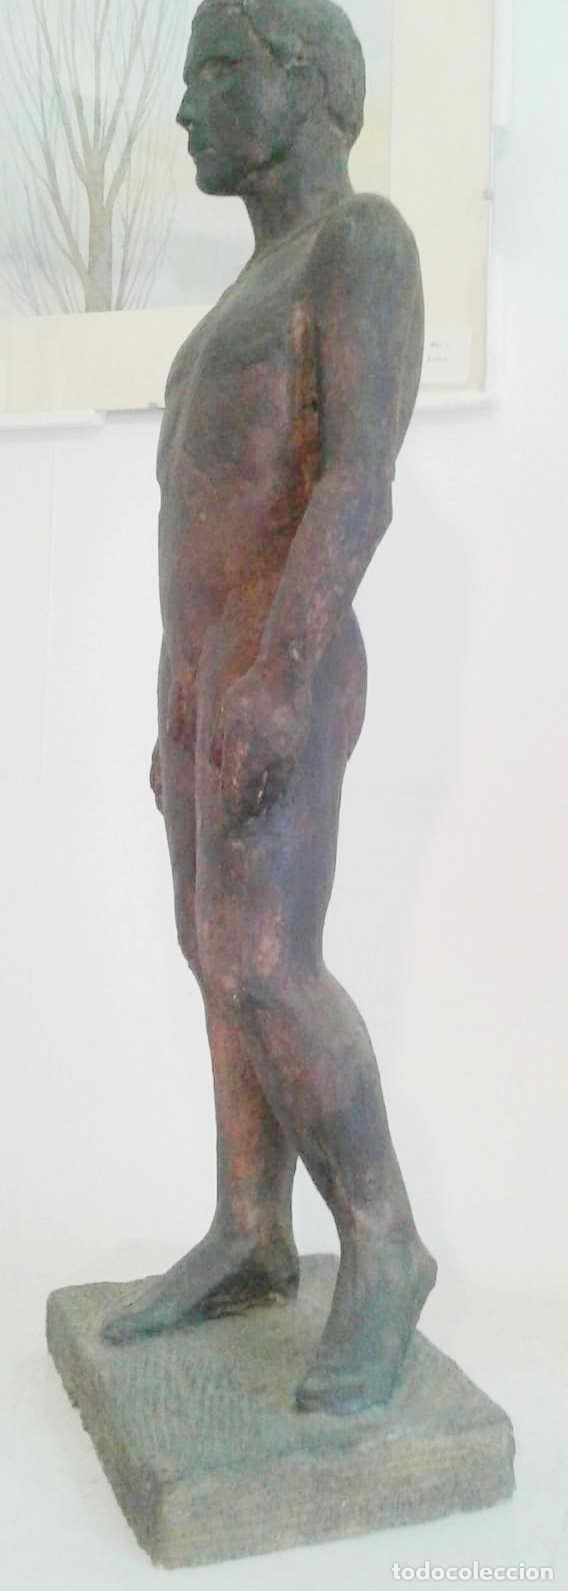 Arte: Magnifica figura masculina en material refractario policromado: El joven Marc. Mitad del siglo 20 - Foto 6 - 194333229